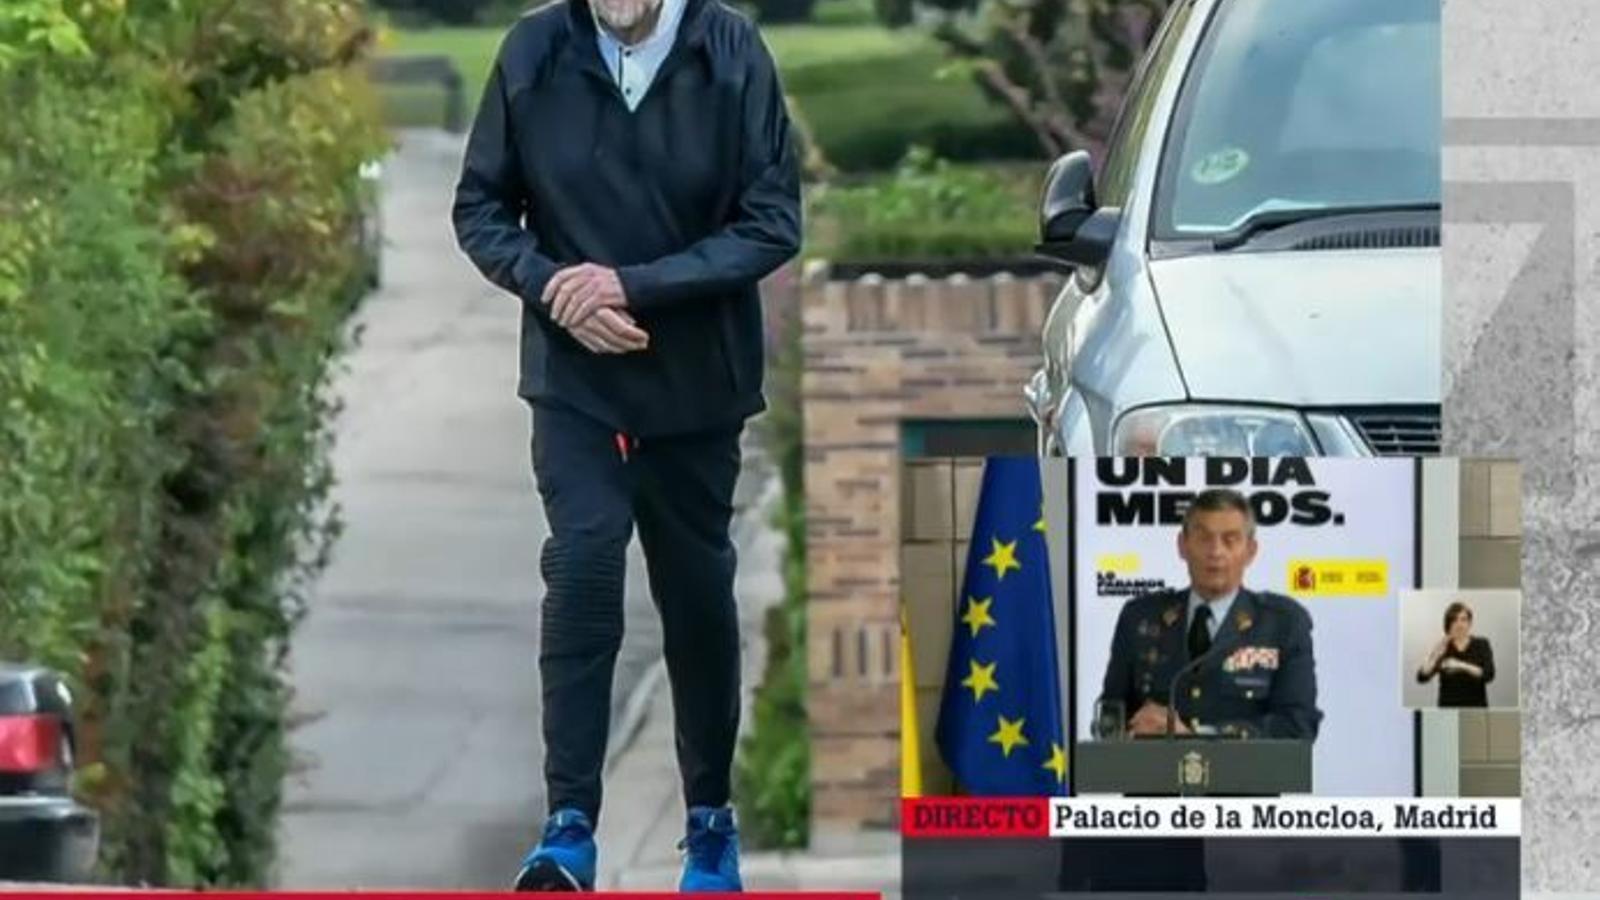 Les càmeres enxampen Mariano Rajoyfent esport i saltant-se el confinament